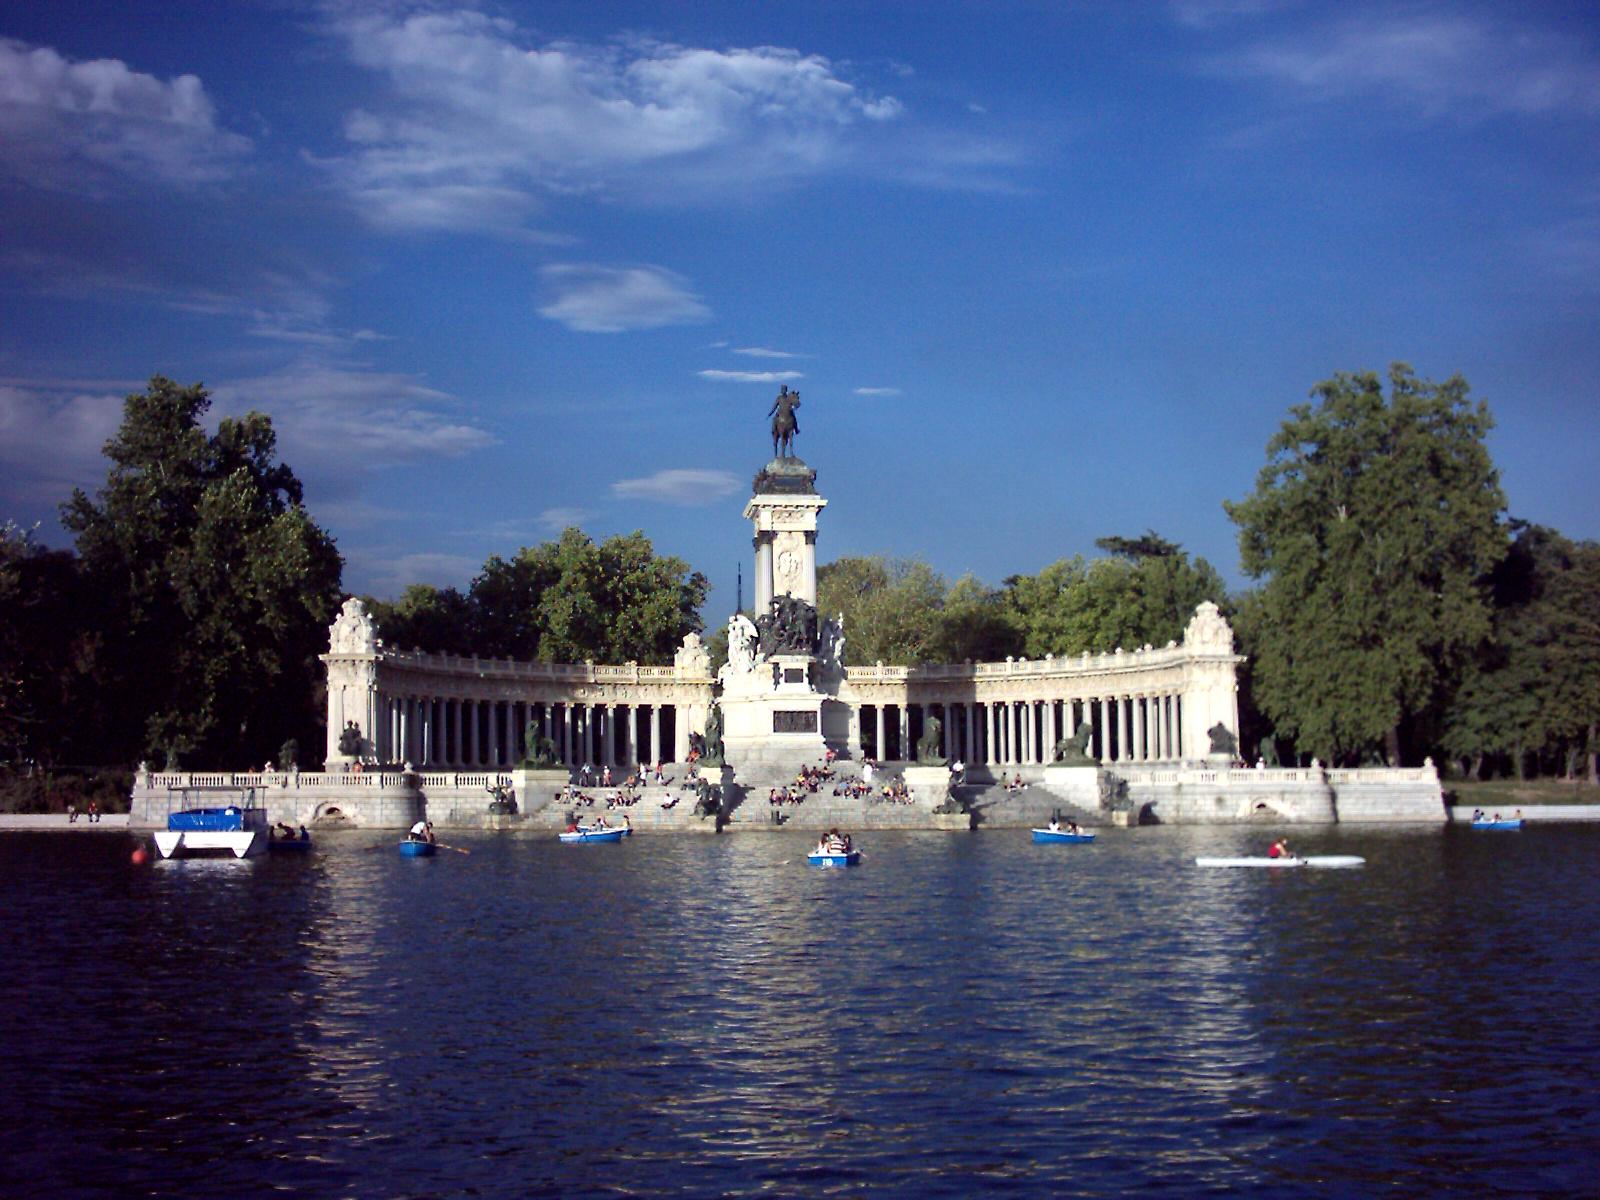 Archivo madrid parque wikipedia la for Parque del retiro barcas